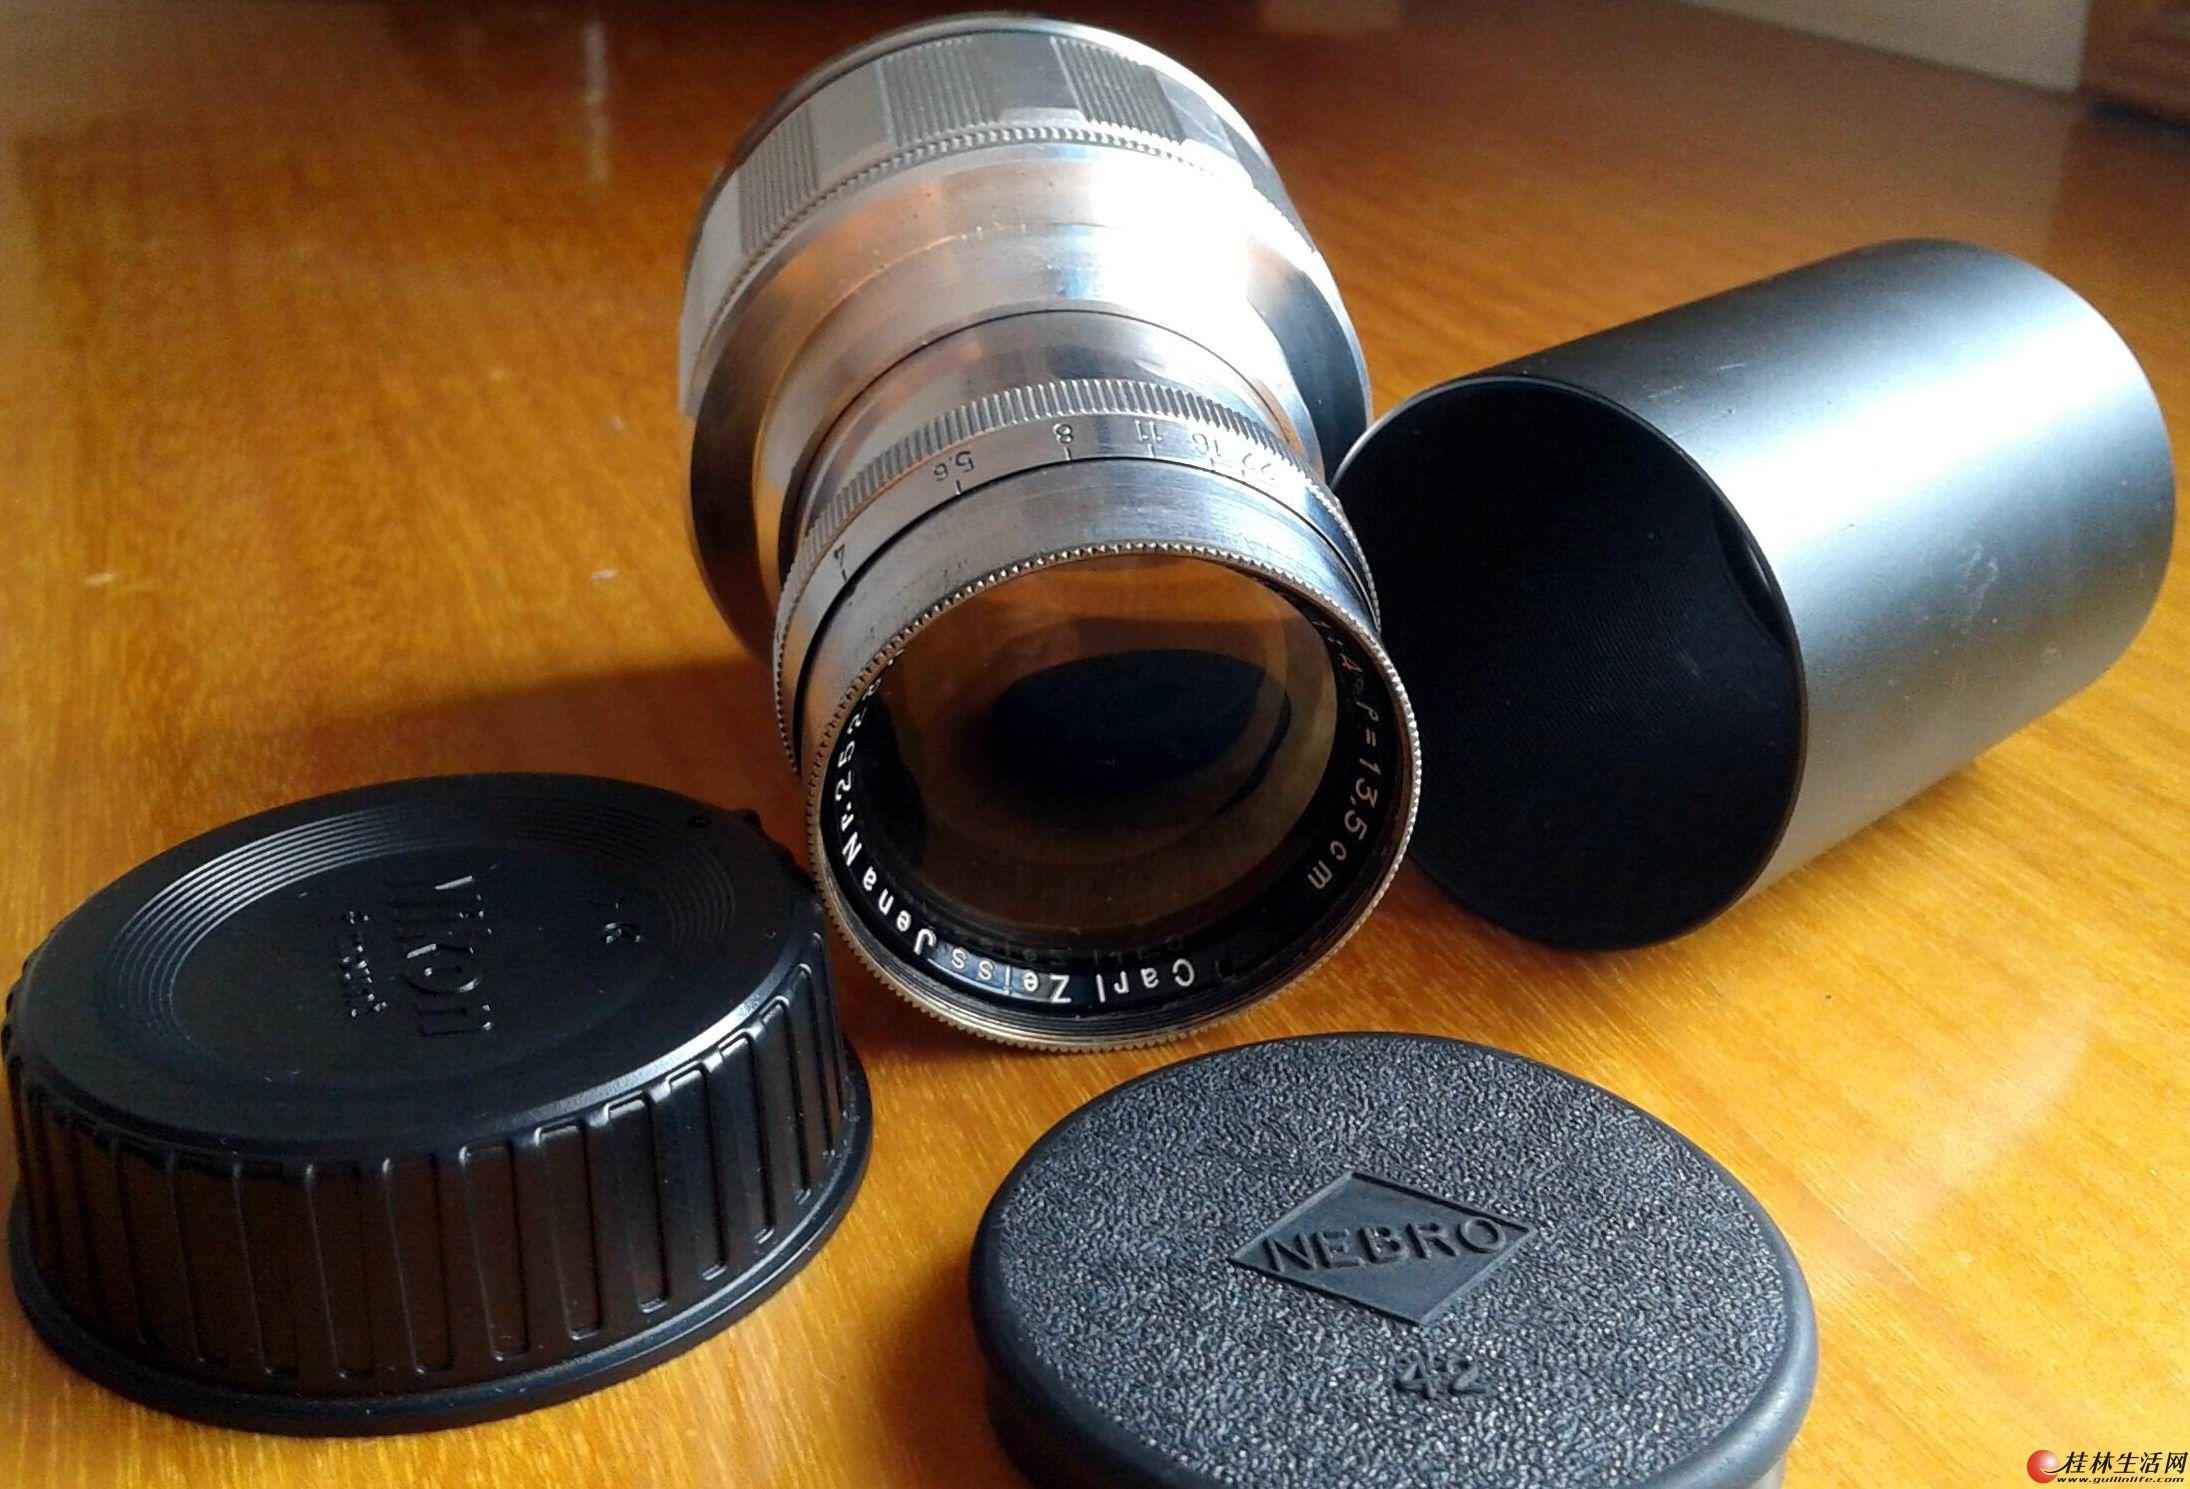 德国早期纯铜蔡司13.5cm/4,乐摄宝500AW双肩防盗摄影包